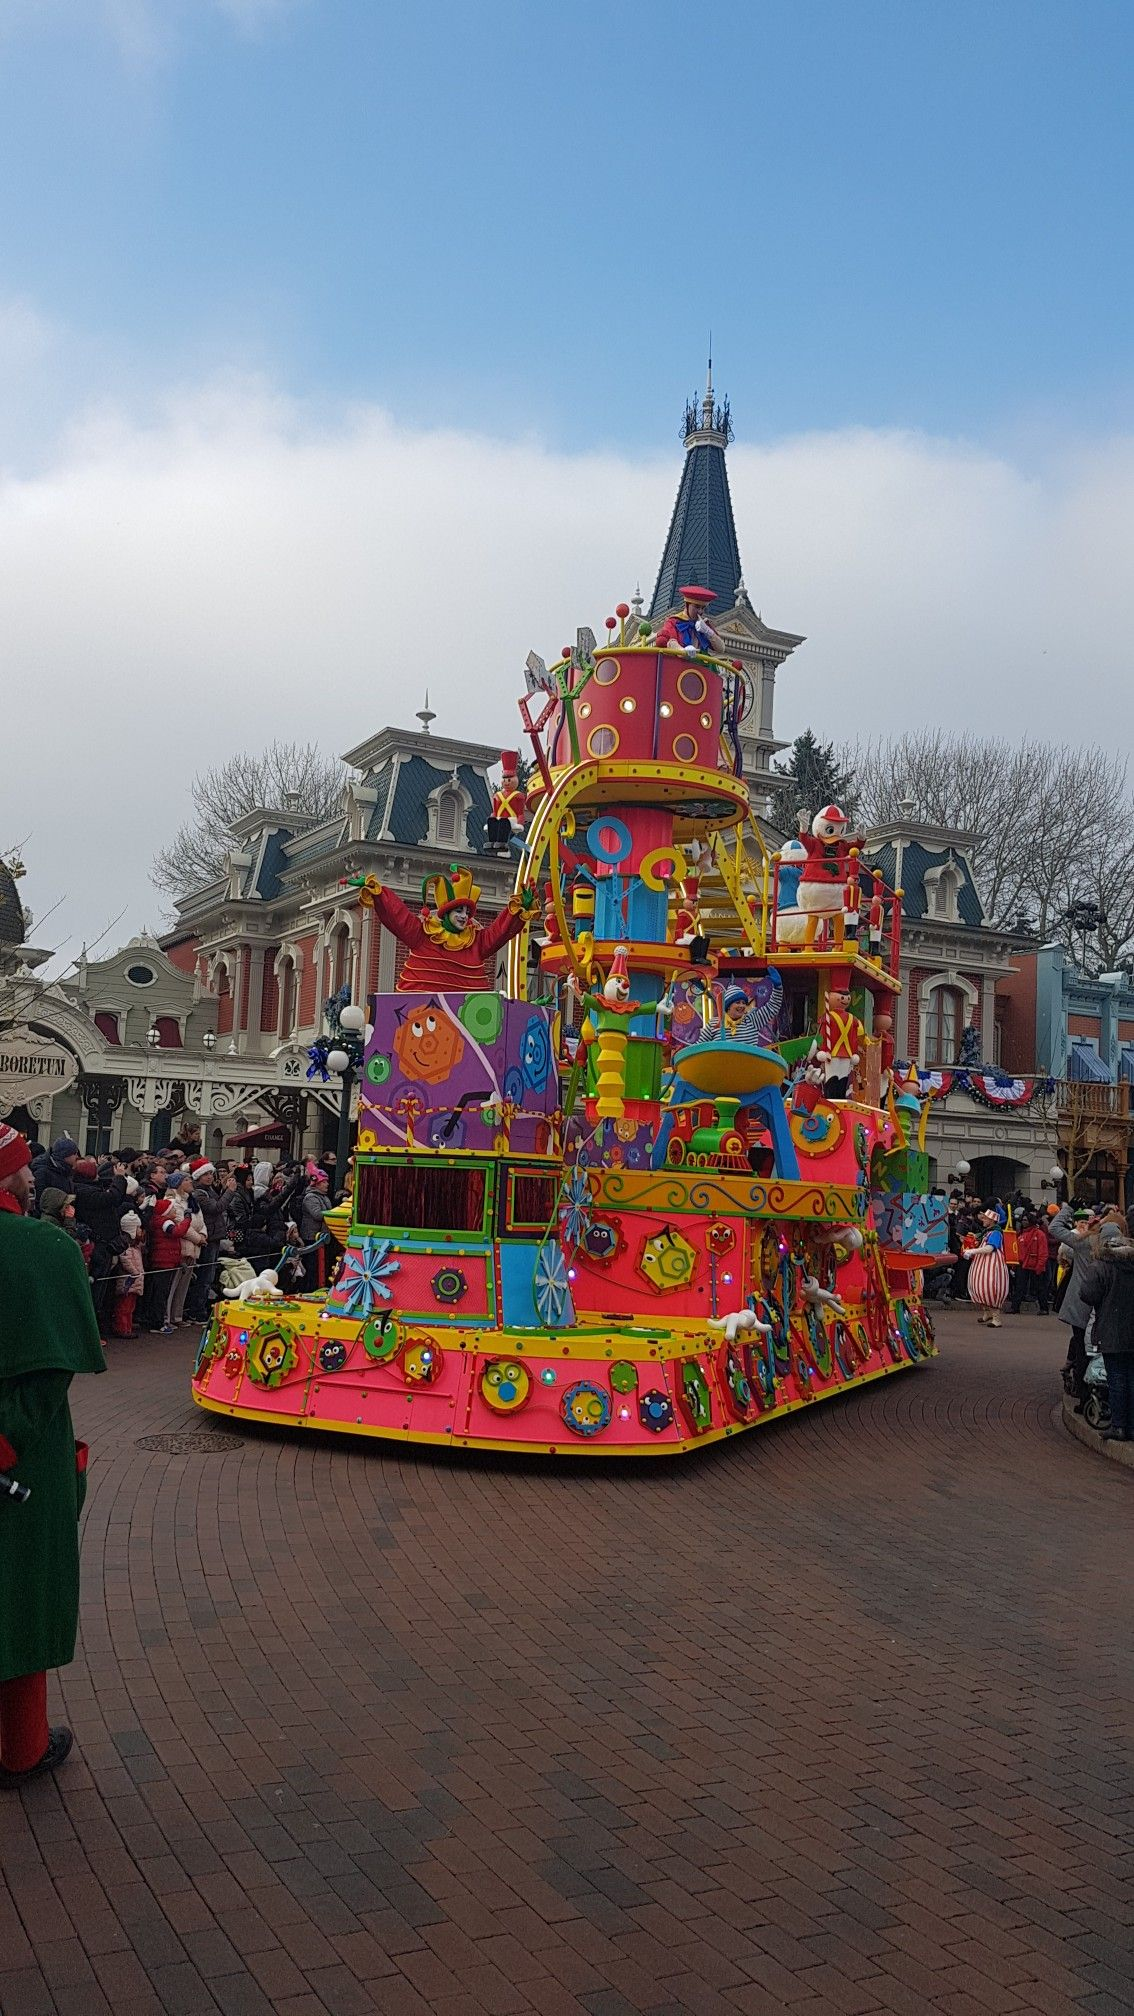 Le Noel Enchante Disney Christmas Parade Disneyland Park Disneylandparis 17 Disneyland Disney Disneyland Paris